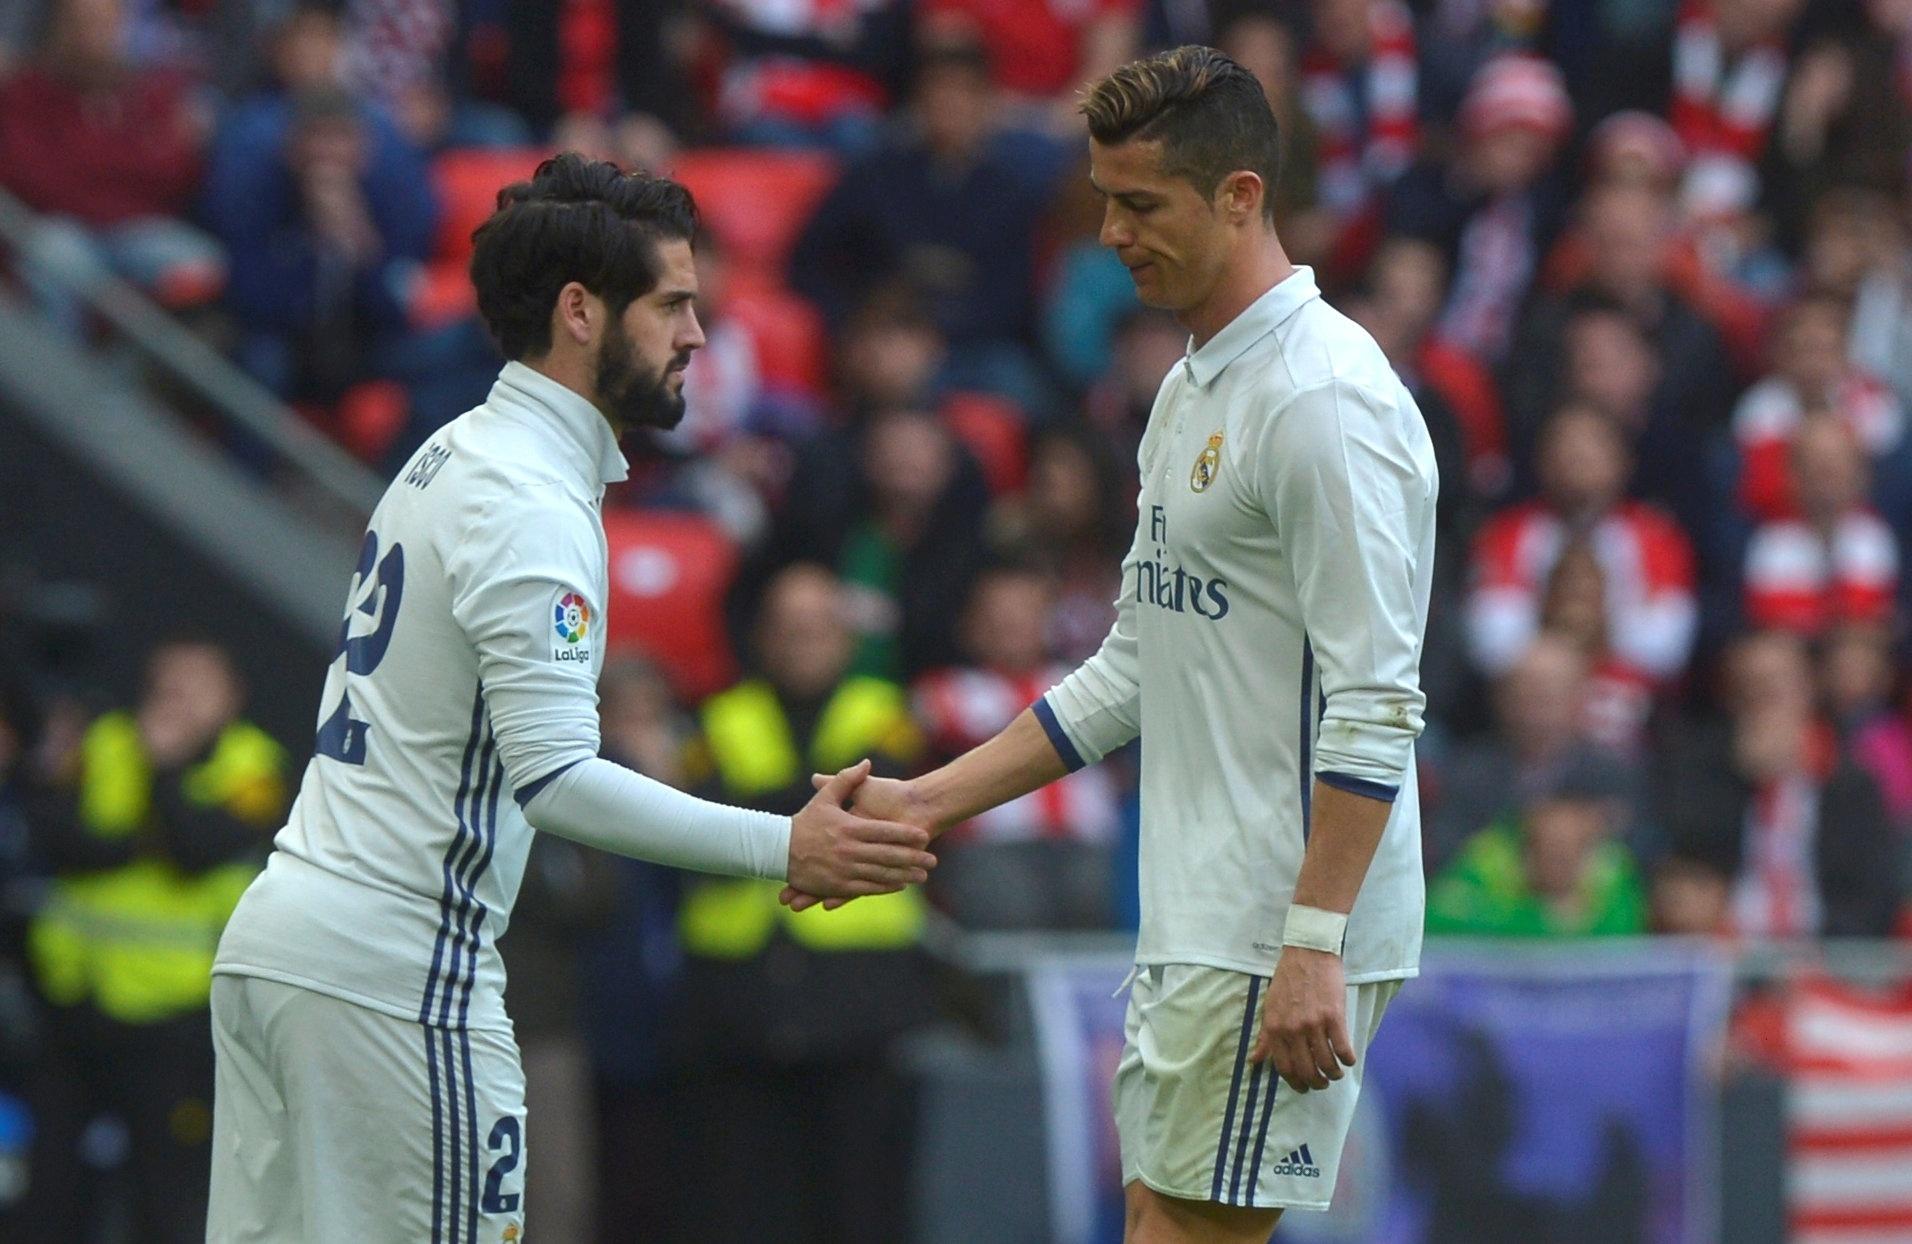 Cristiano Ronaldo sai de campo com cara fechada para ser substituído por Isco, em jogo do Real Madrid contra o Athletic Bilbao